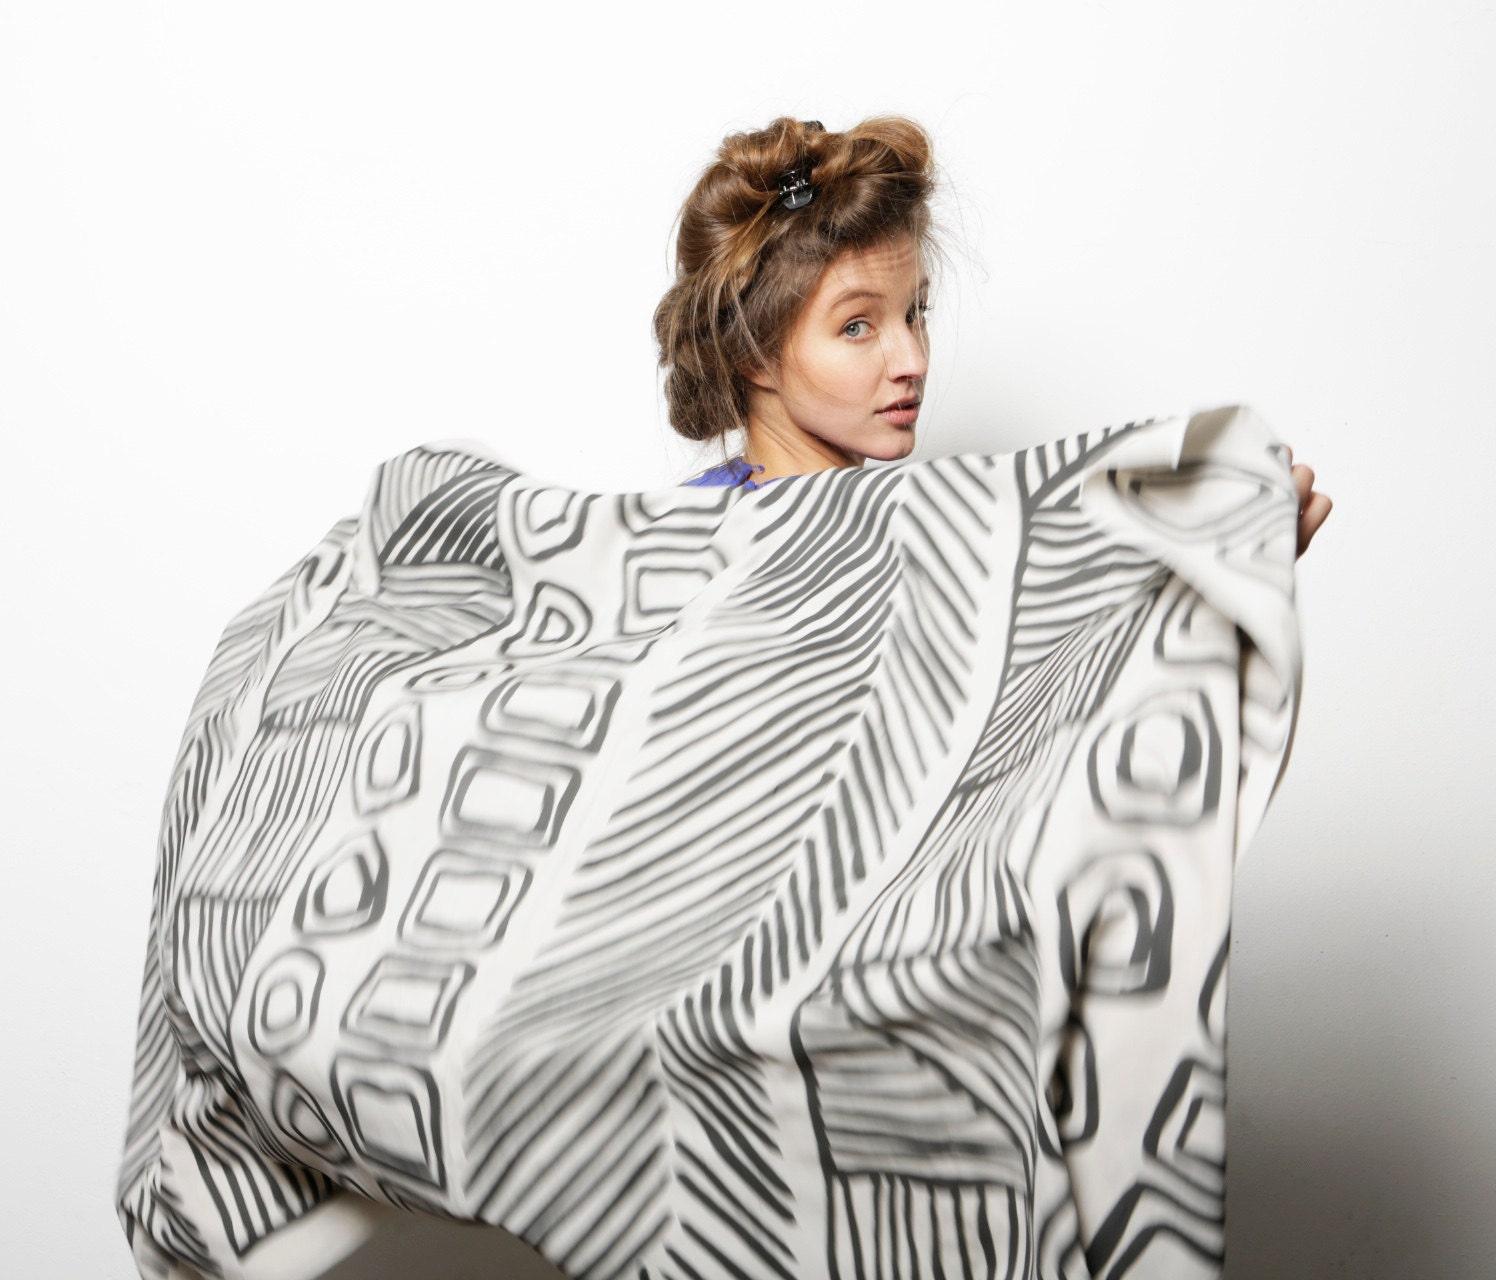 SALE 12% Huge Designer scarf, Grey and Black hand printed woman shawl, Original design, Handmade by Dikla Levsky - DiklaLevskyDesign